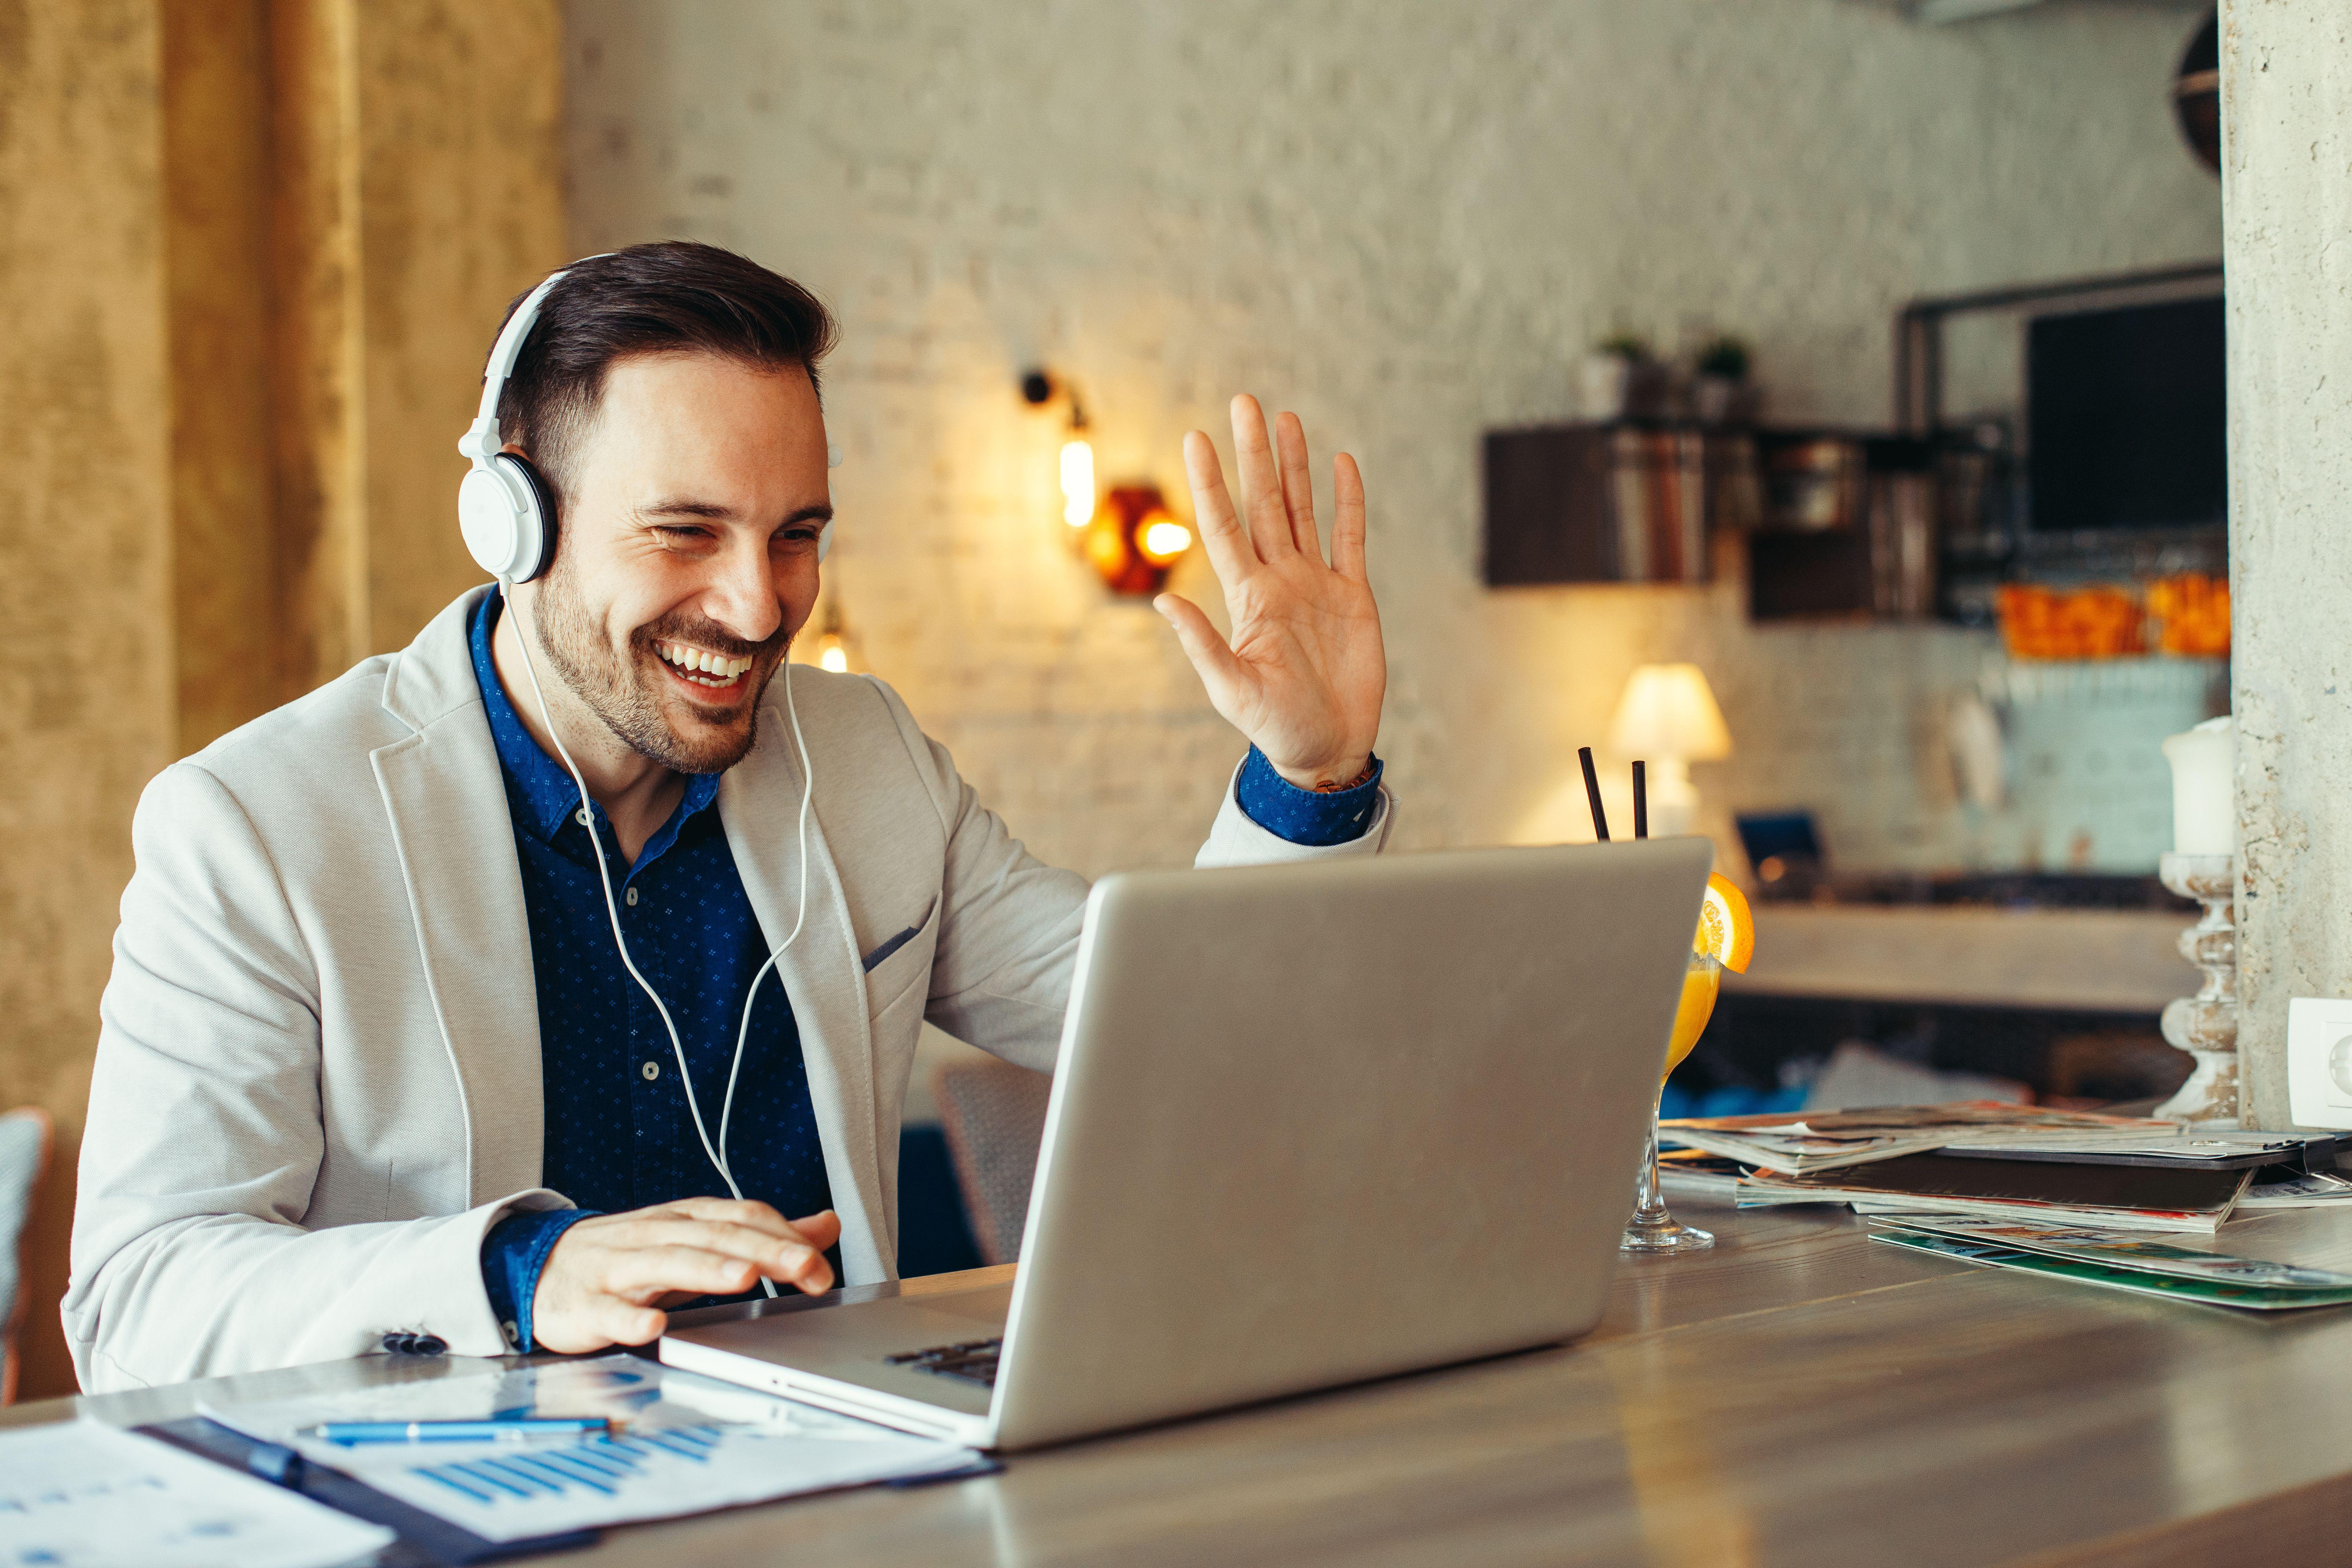 Praca zdalna jest realizowana w ramach stosunku pracy, zatem pracodawca utrzymuje swoje uprawnienia kierownicze do organizowania i kontrolowania jej wykonywania. (Fot. Shutterstock)